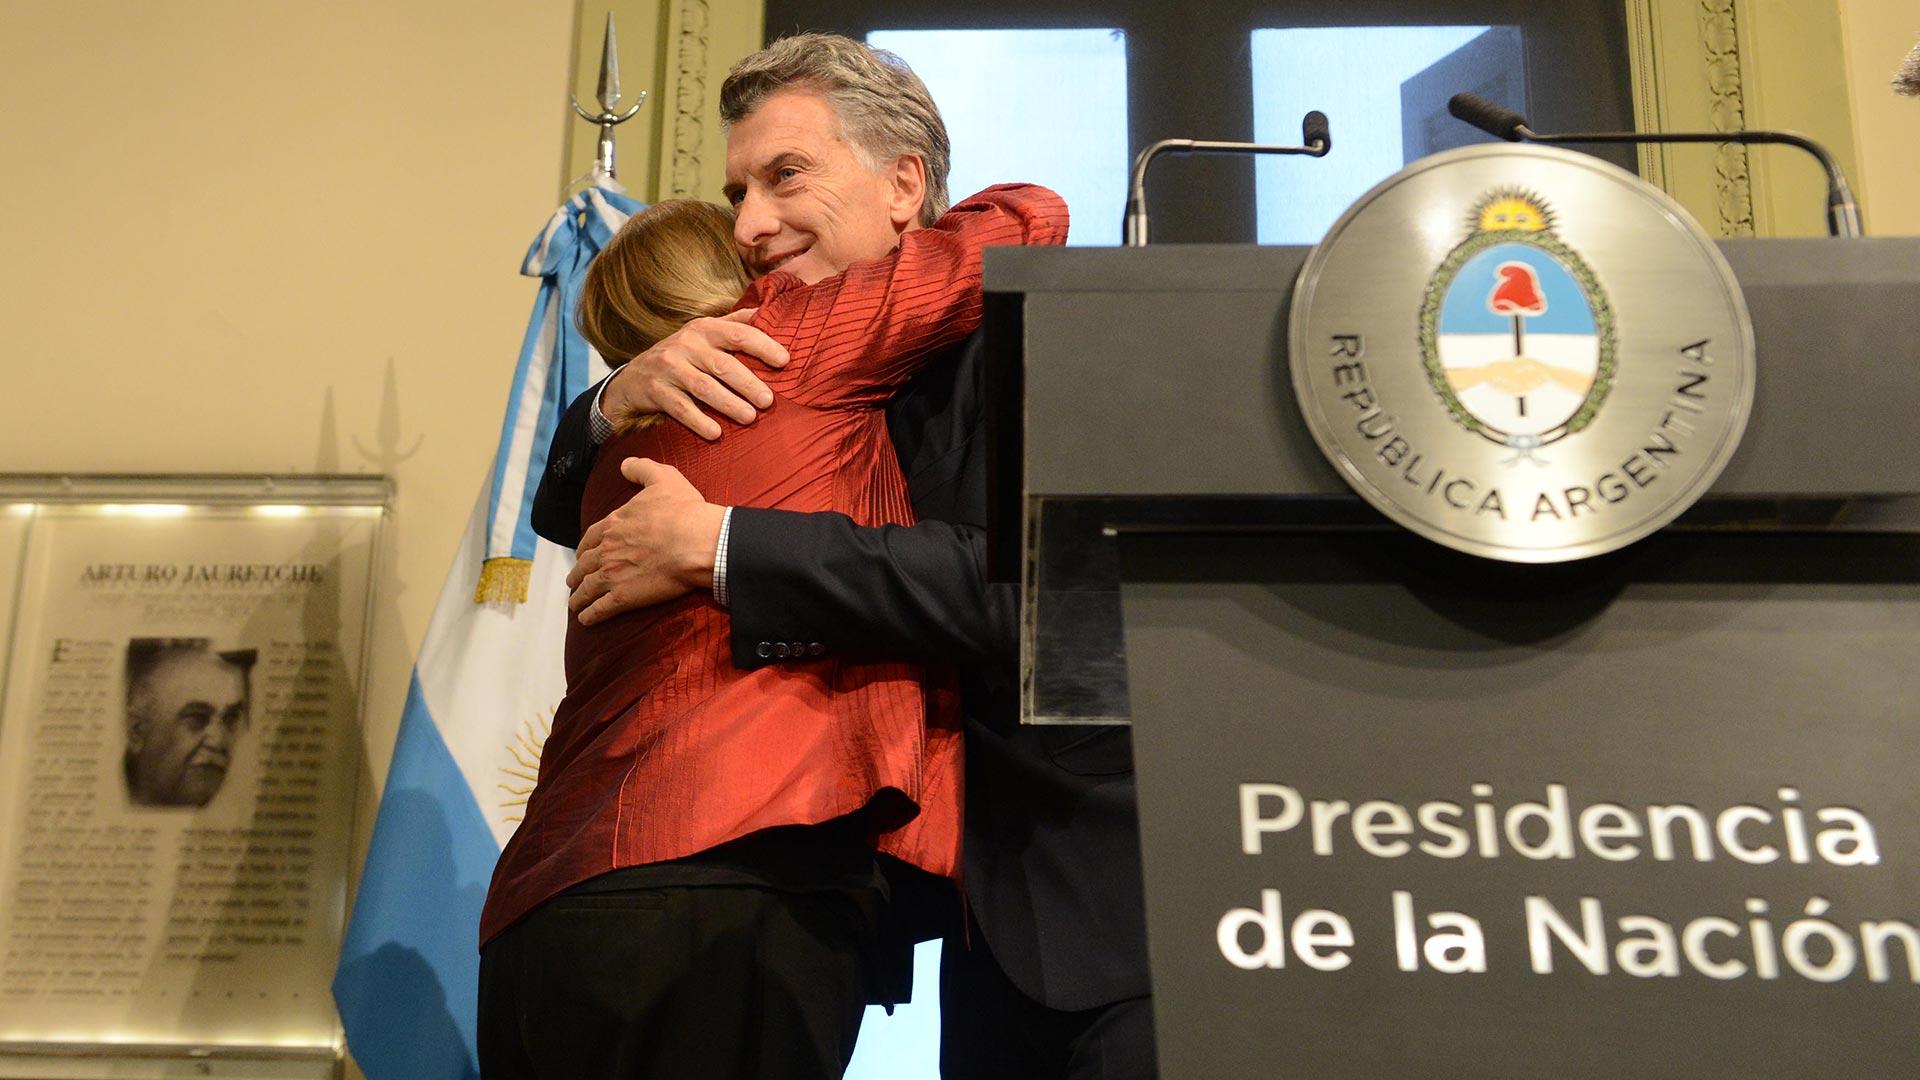 (Presidencia de la Nación)